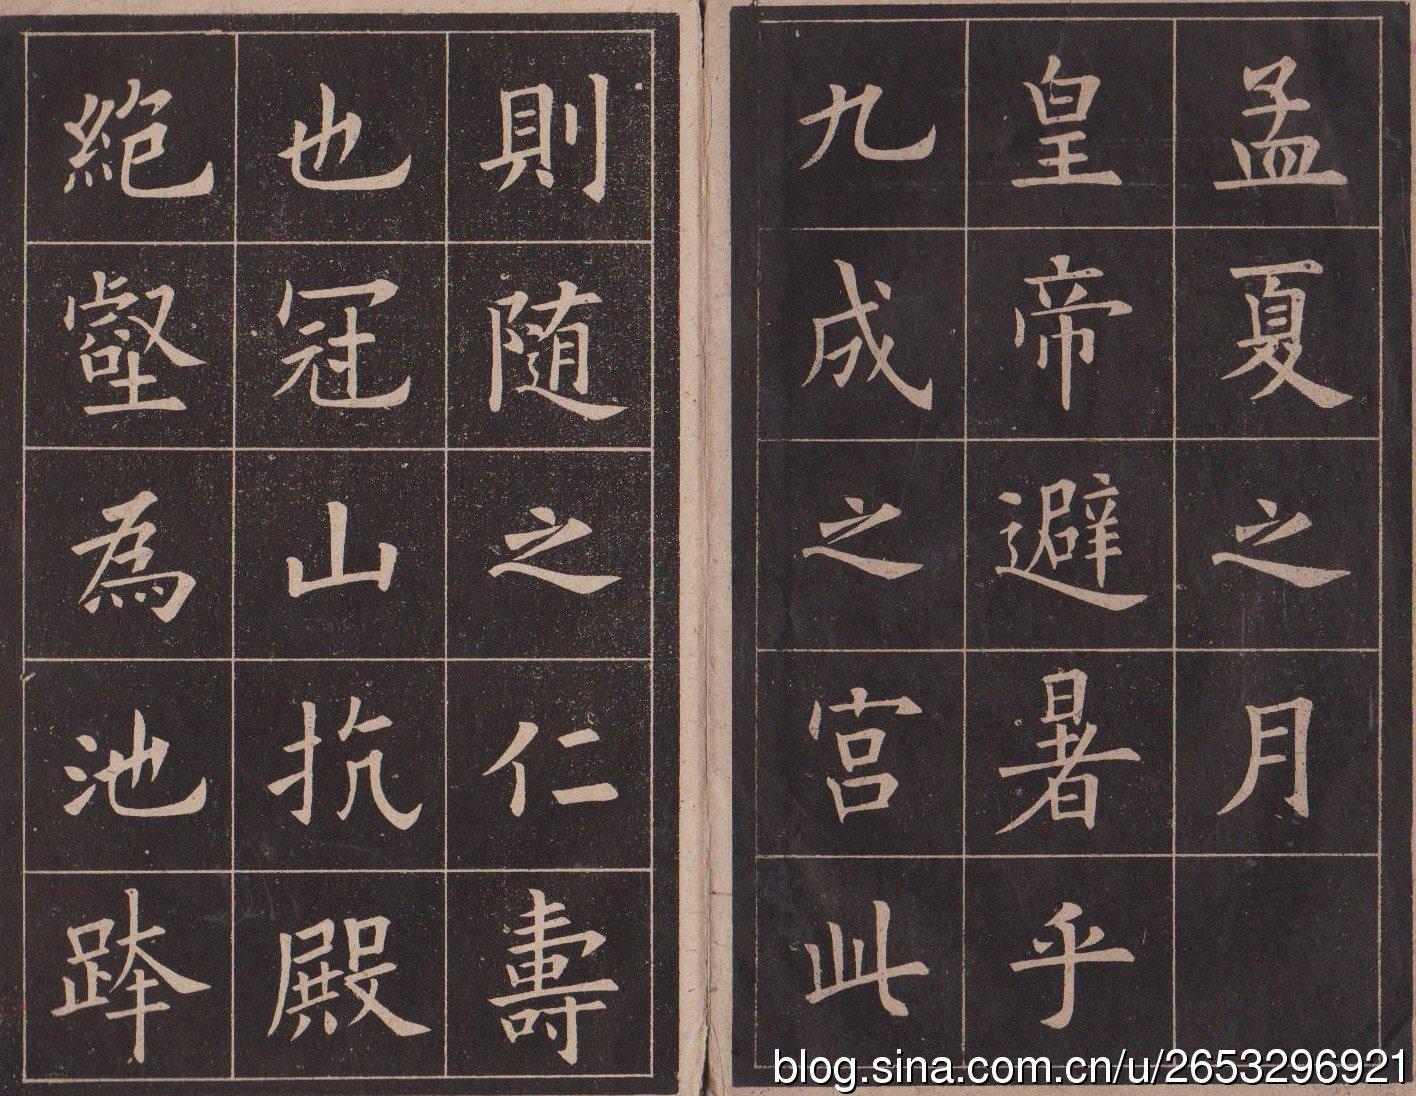 Dân Quốc Lưu Truyền Đích (Cửu Thành Cung)